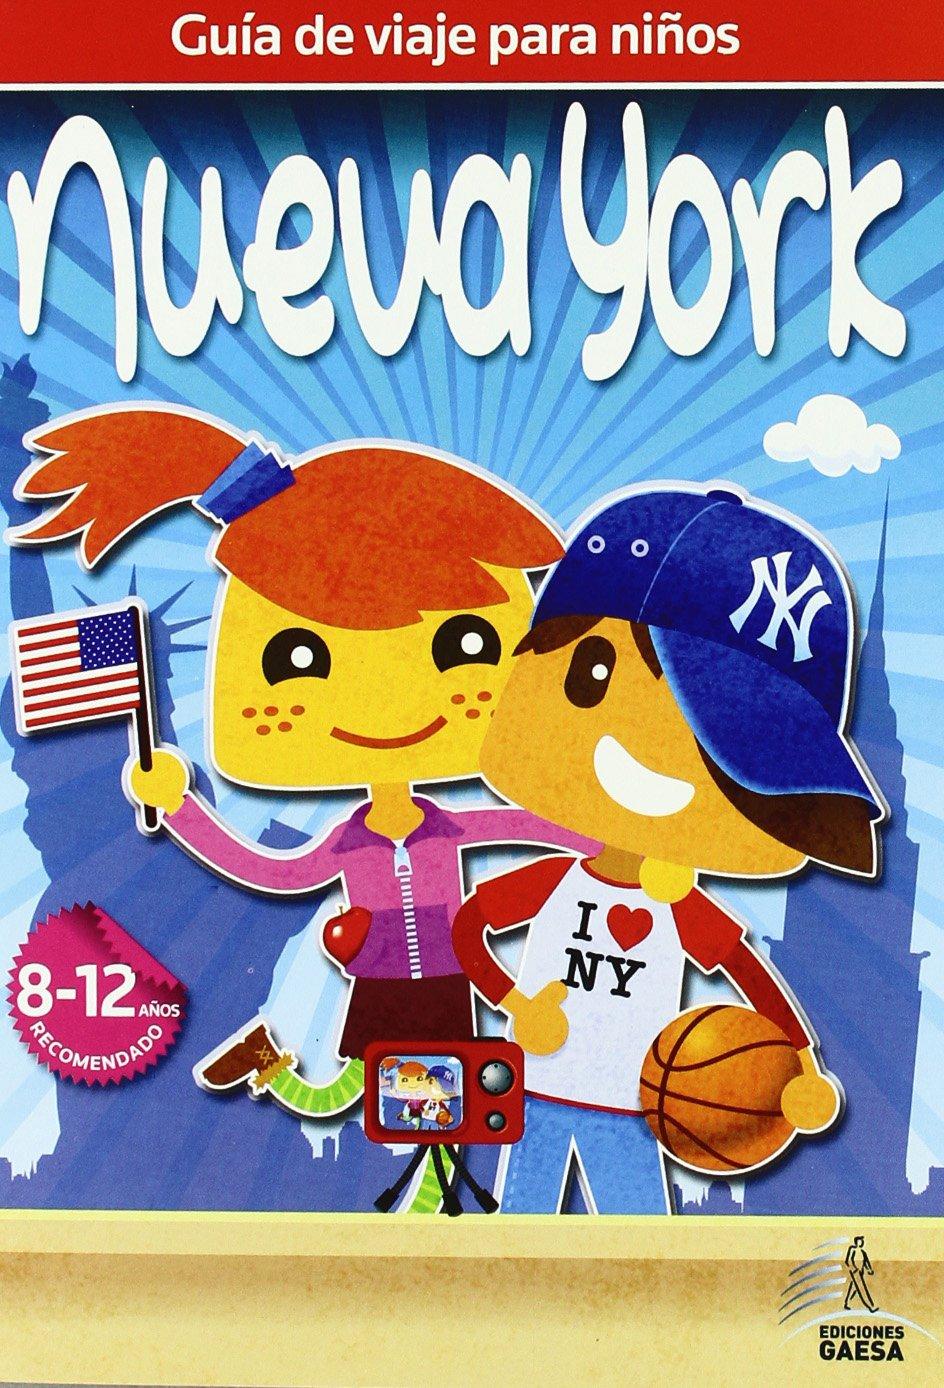 Guía de viajes para niños Nueva York Guia De Viaje Para Niños: Amazon.es: Guindel, Mario, Guindel, Francisco: Libros